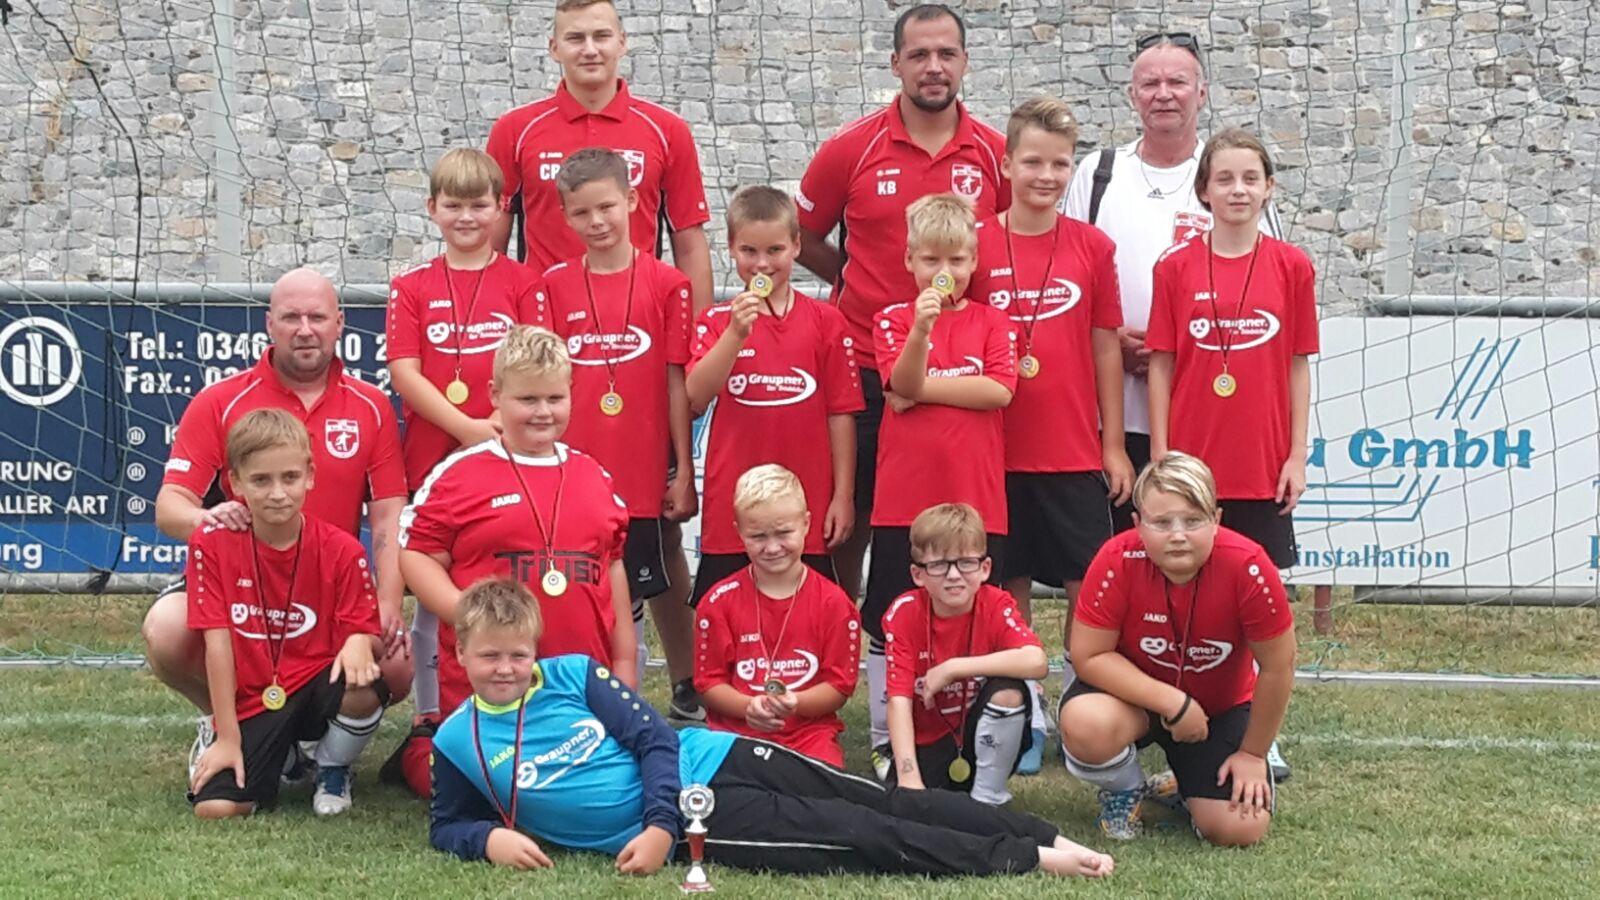 Turnier F-Jugend @ Sportplatz Buna Halle